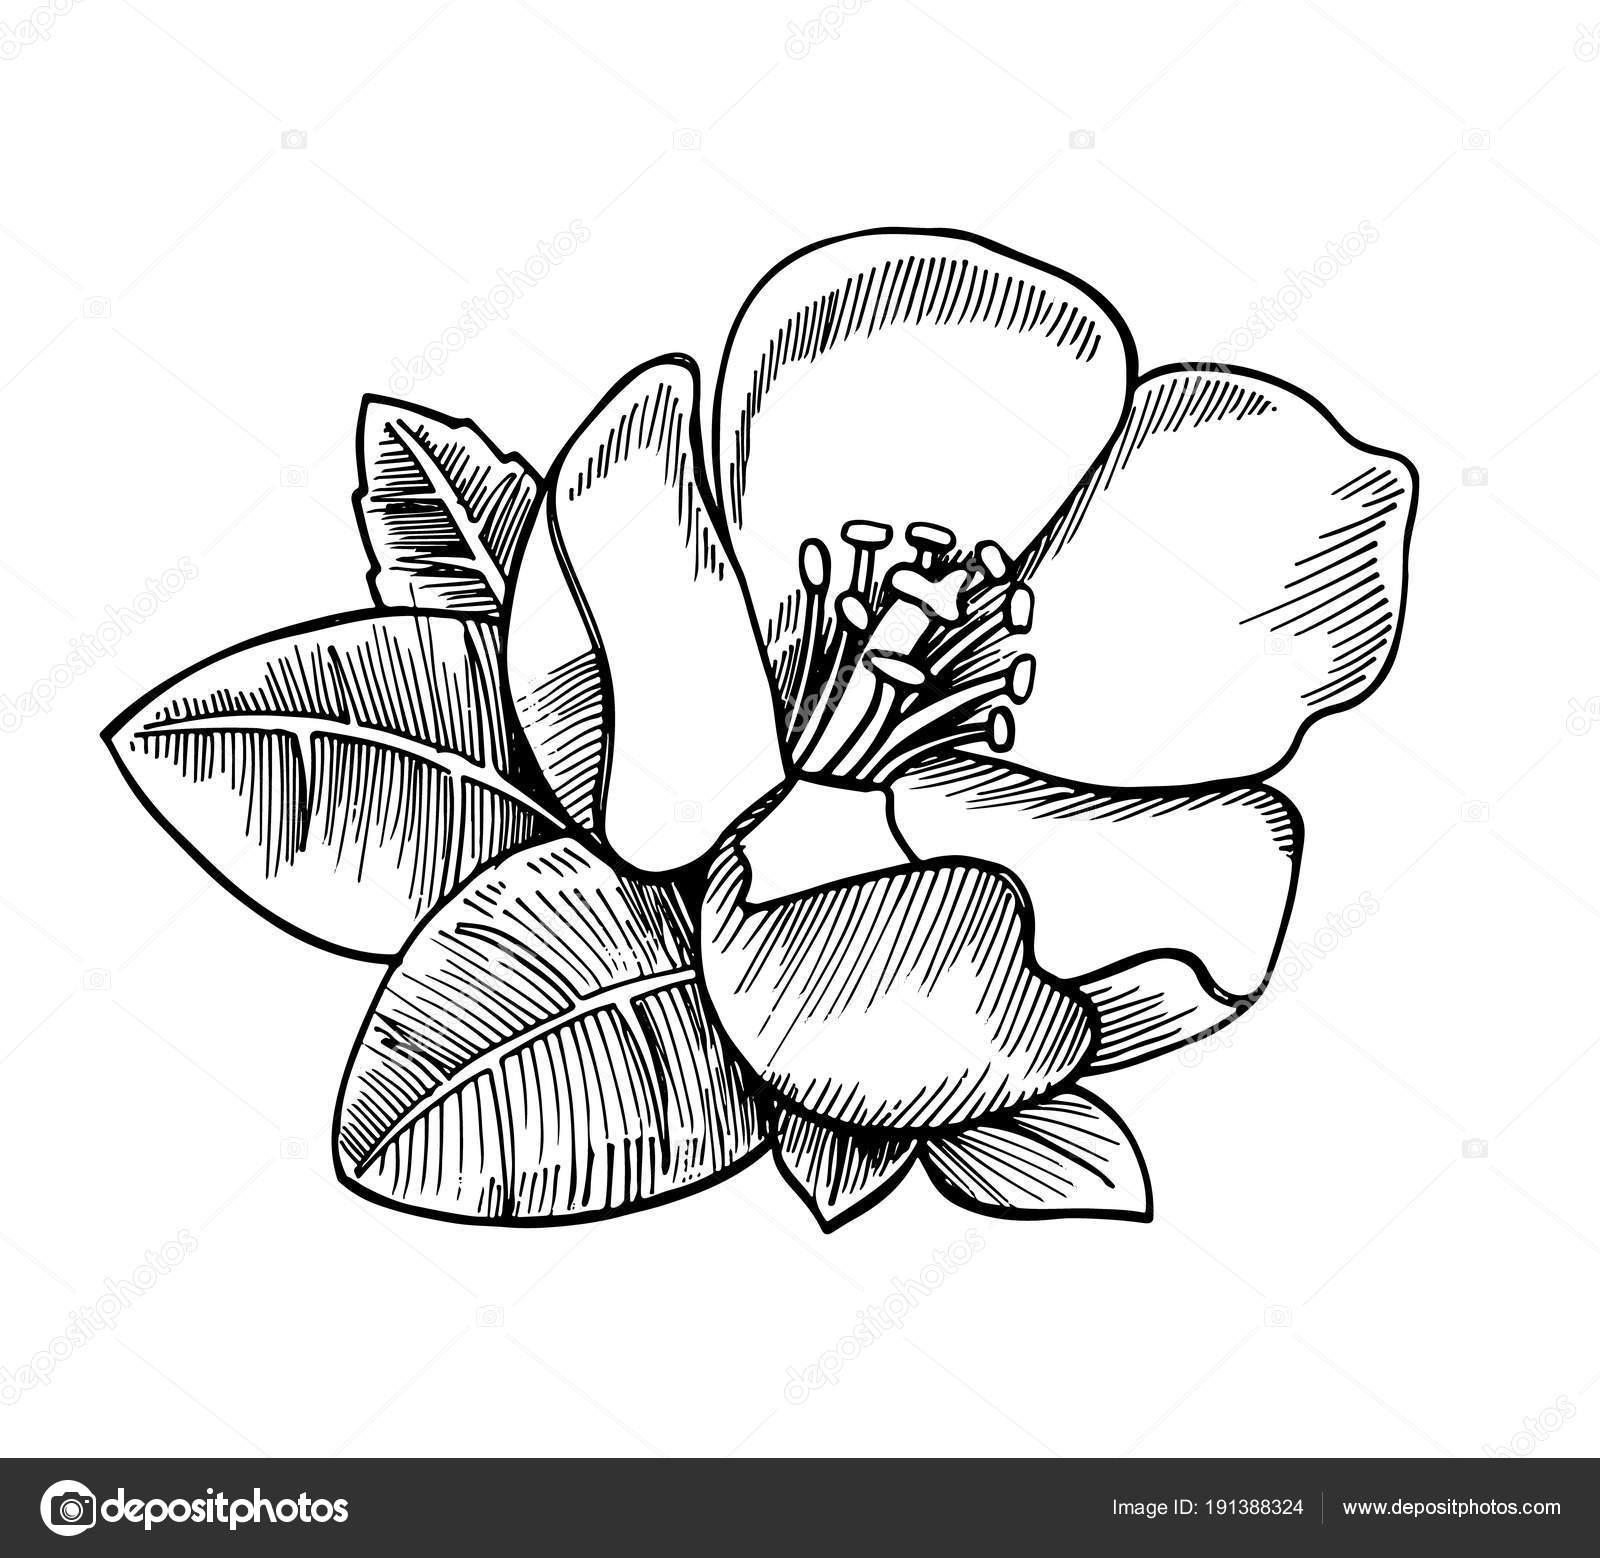 Dibujos Flores Realistas Dibujo Realista Flor Con Hojas Mano